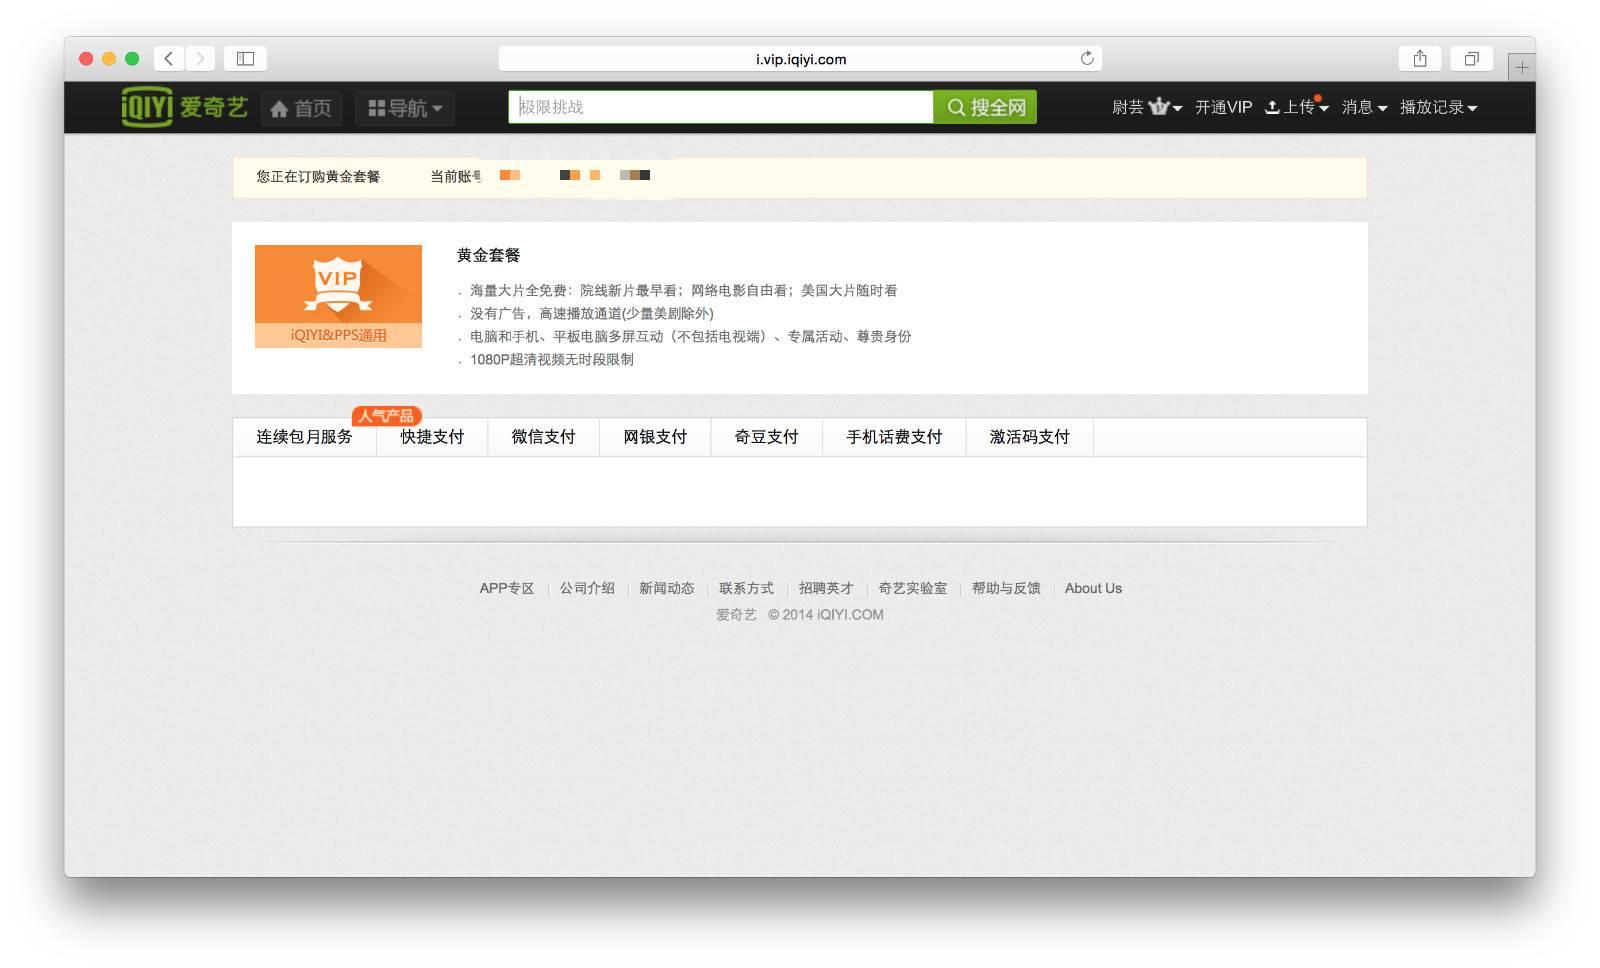 爱奇艺会员购买页面(加载20分钟后)